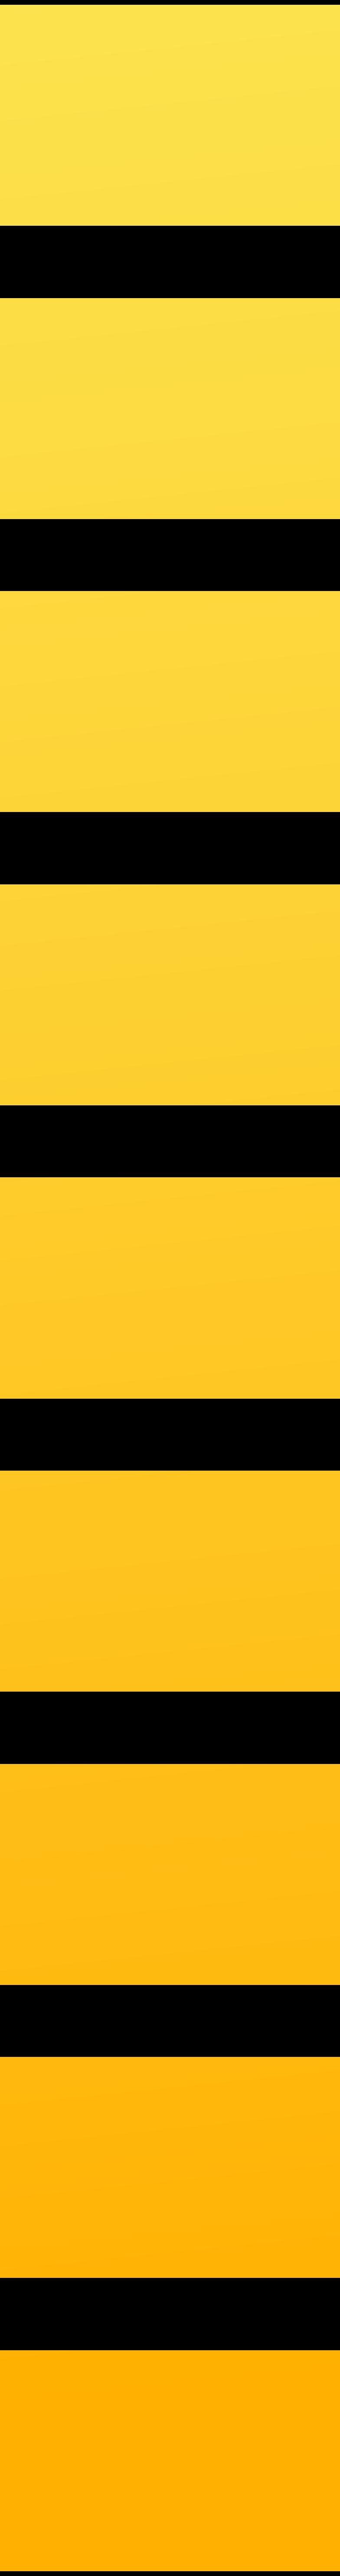 s load line Clipart illustration in PNG, SVG